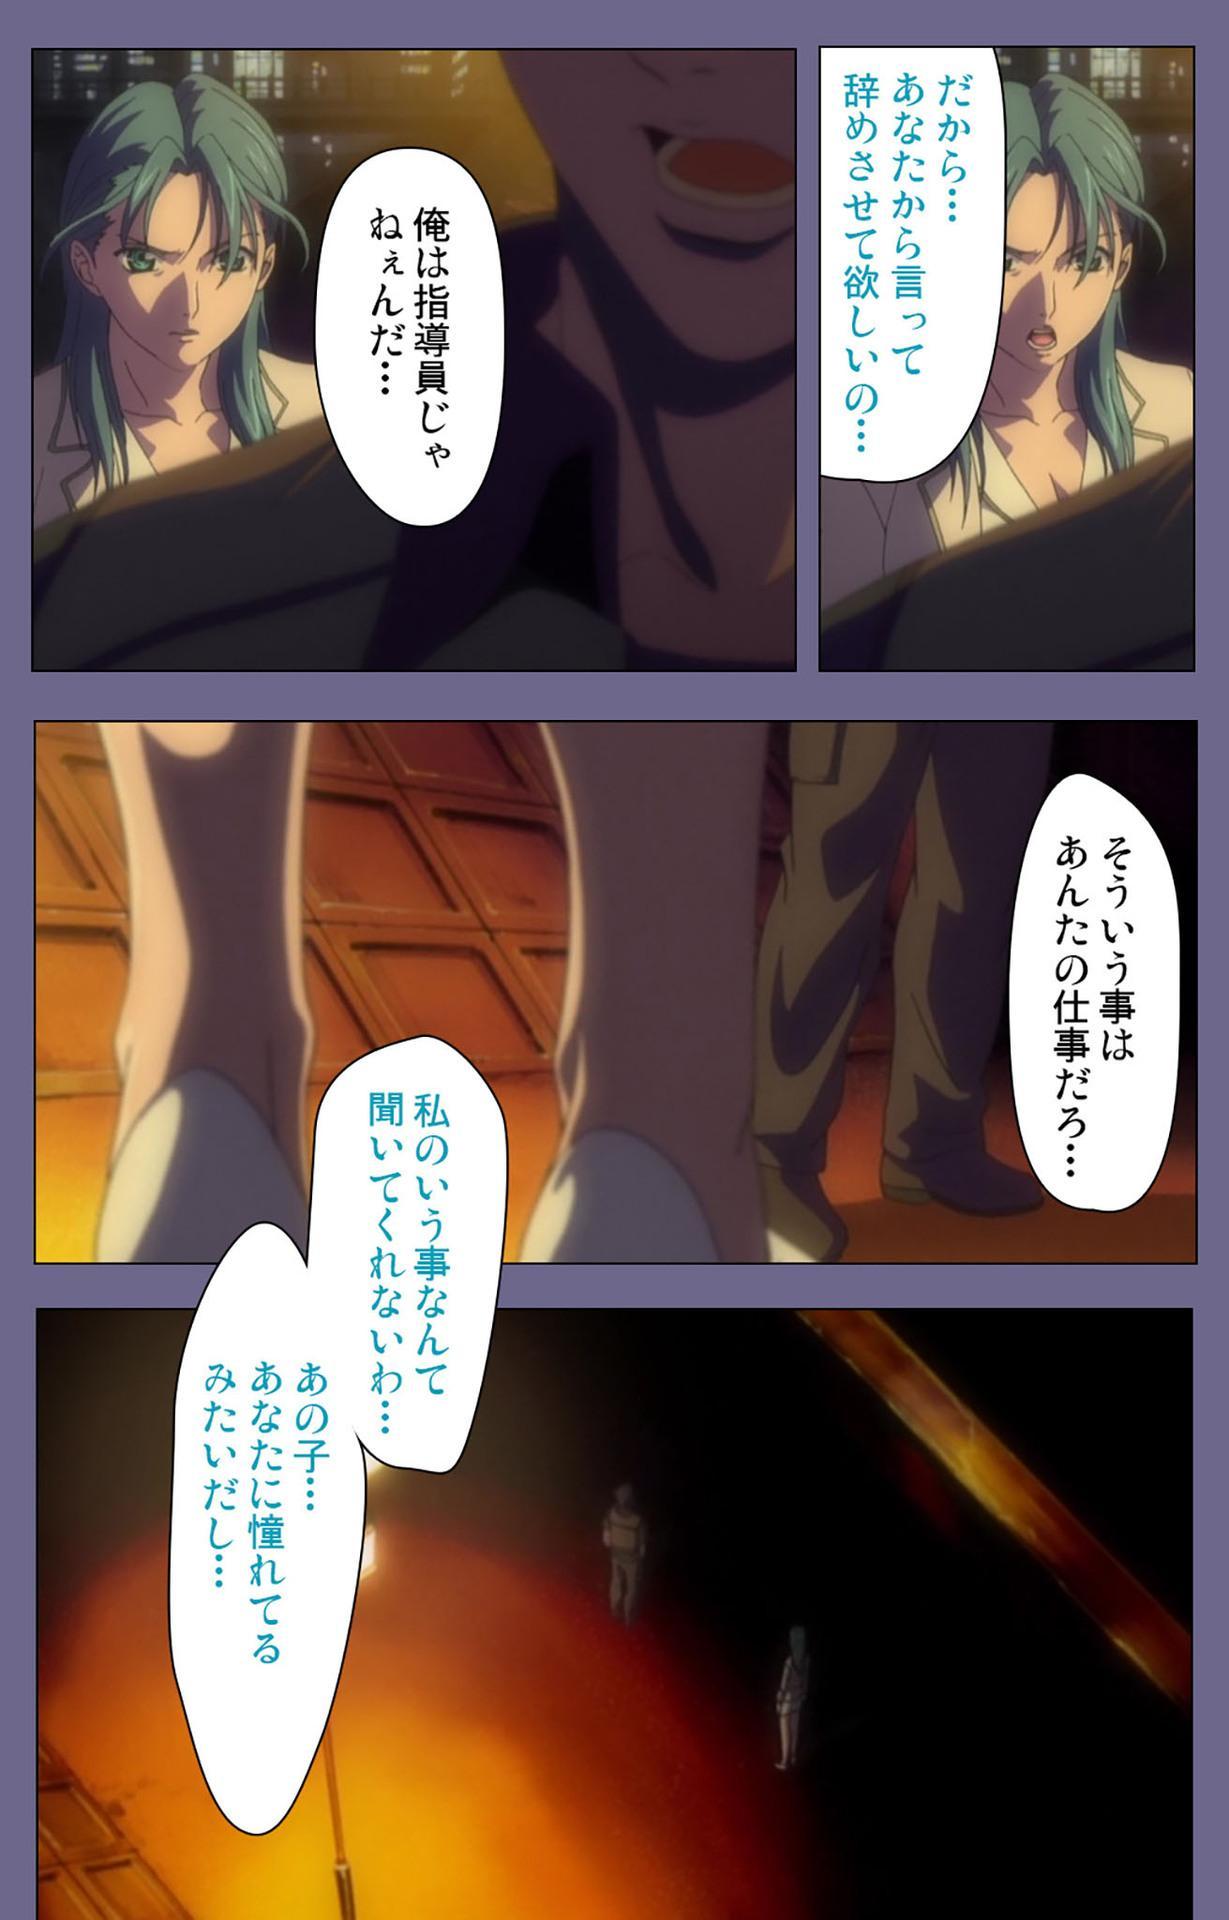 Itazura kanzenhan 188